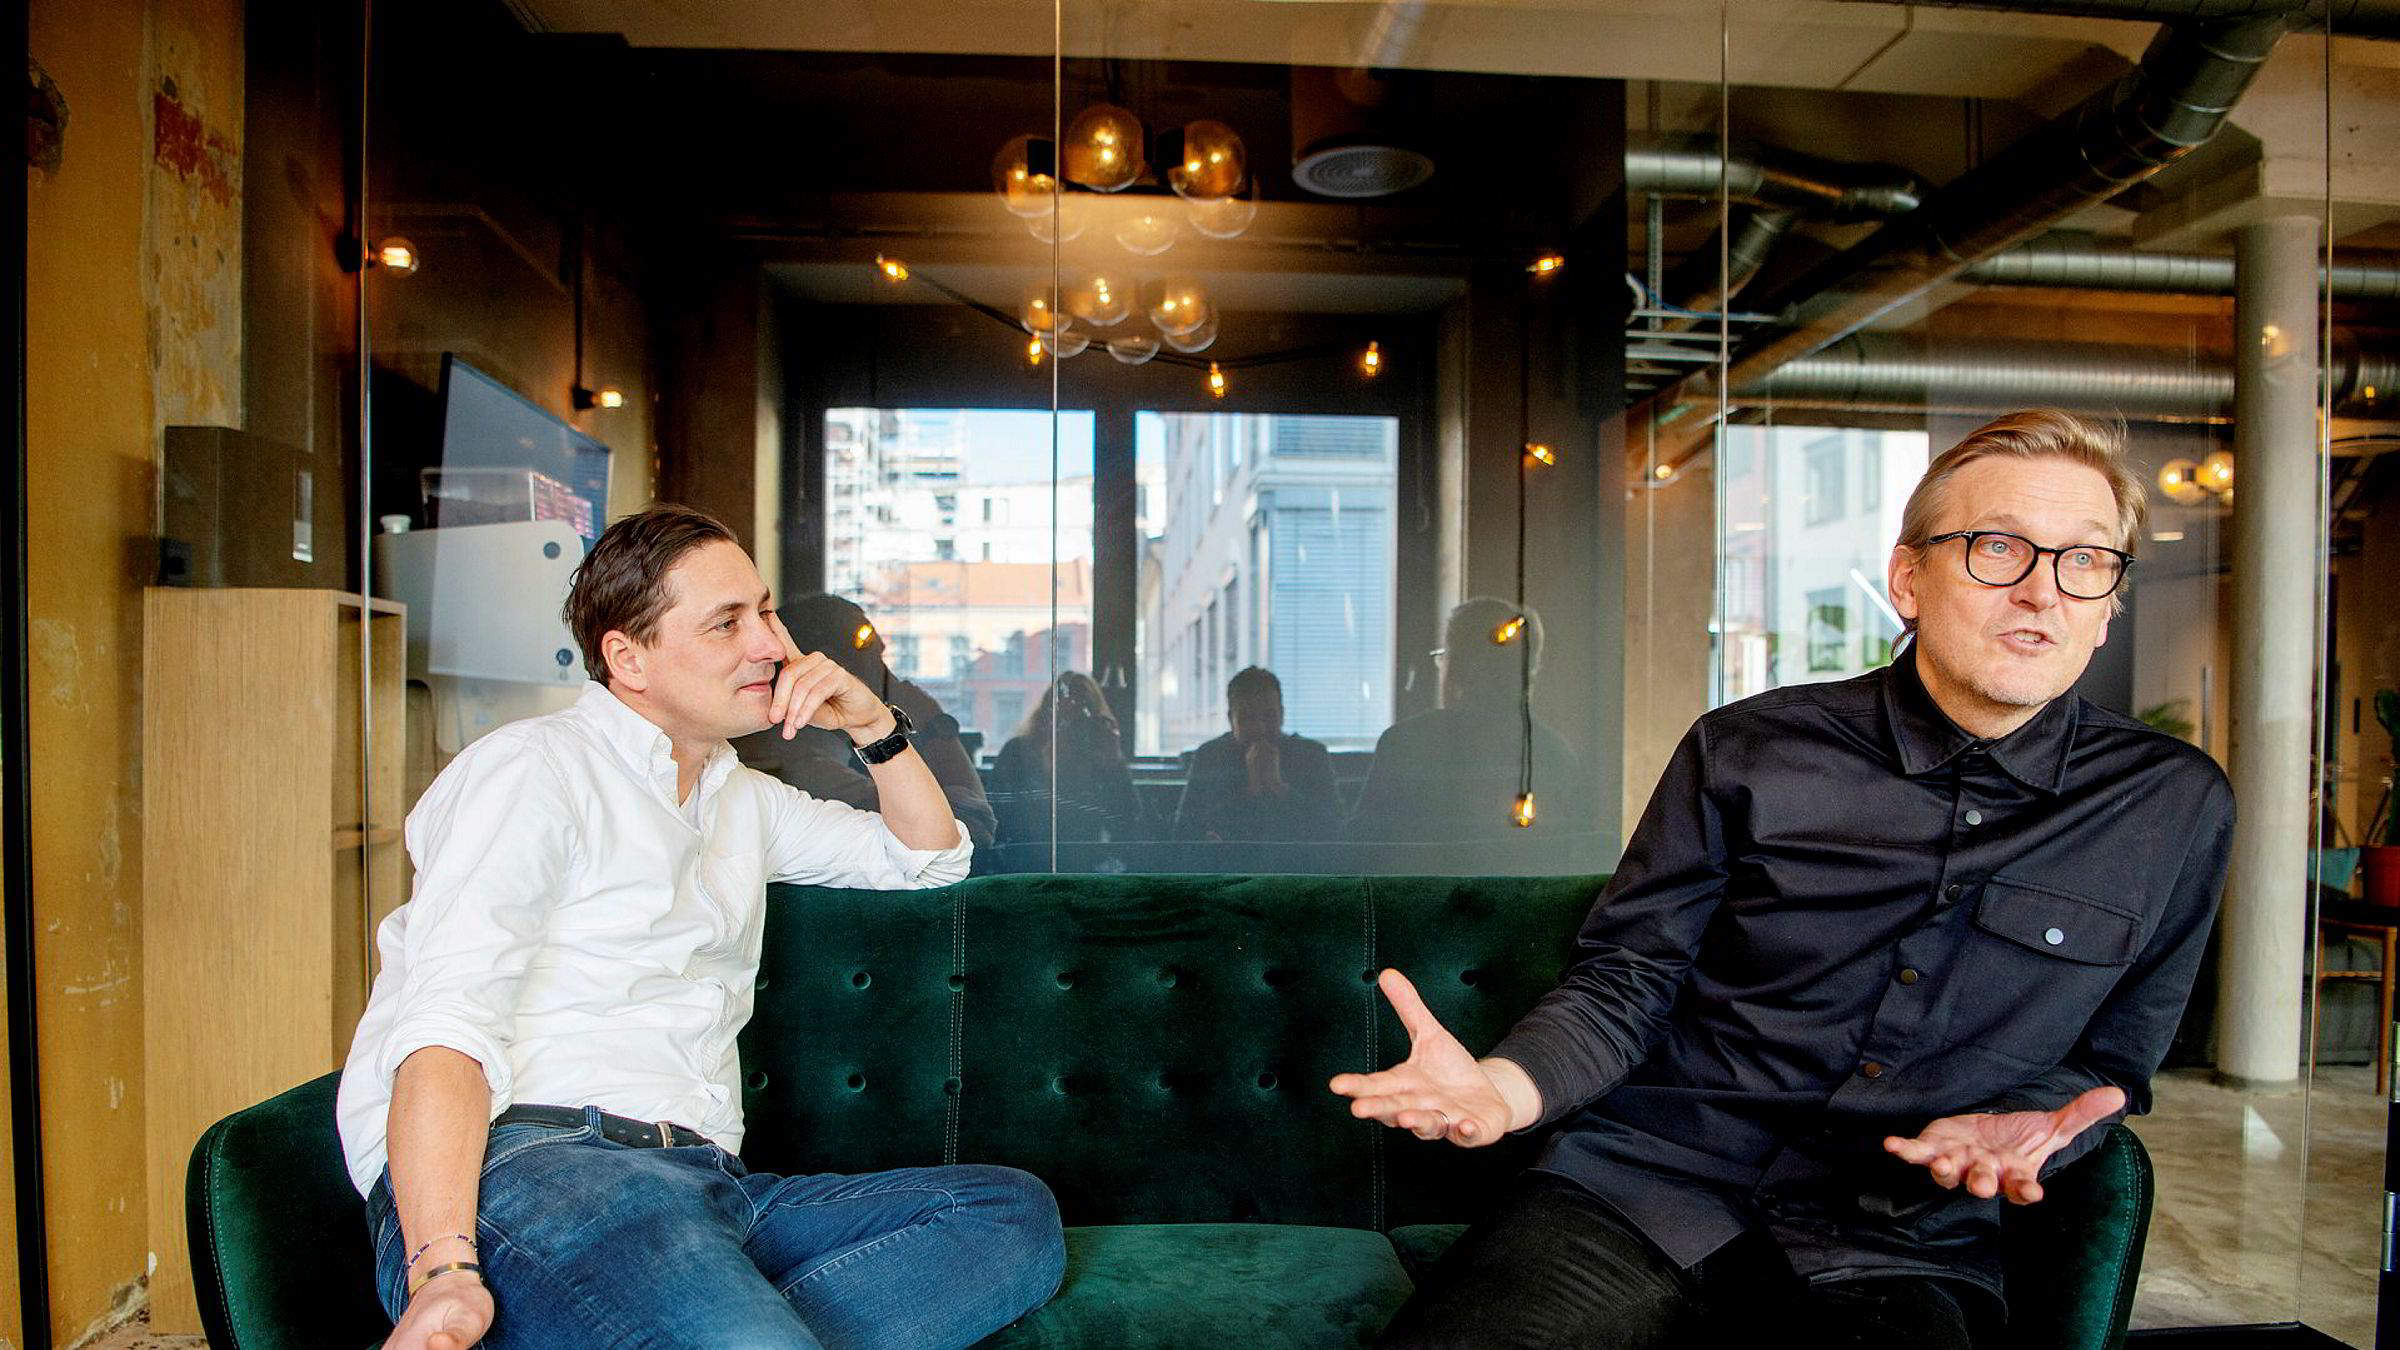 Administrerende direktør Christian Steen (til venstre) og kreativ direktør Trond Kvernstrøm opplever dobling i The Oslo Companys omsetning. Her i selskapets lokaler i Torggata i Oslo.